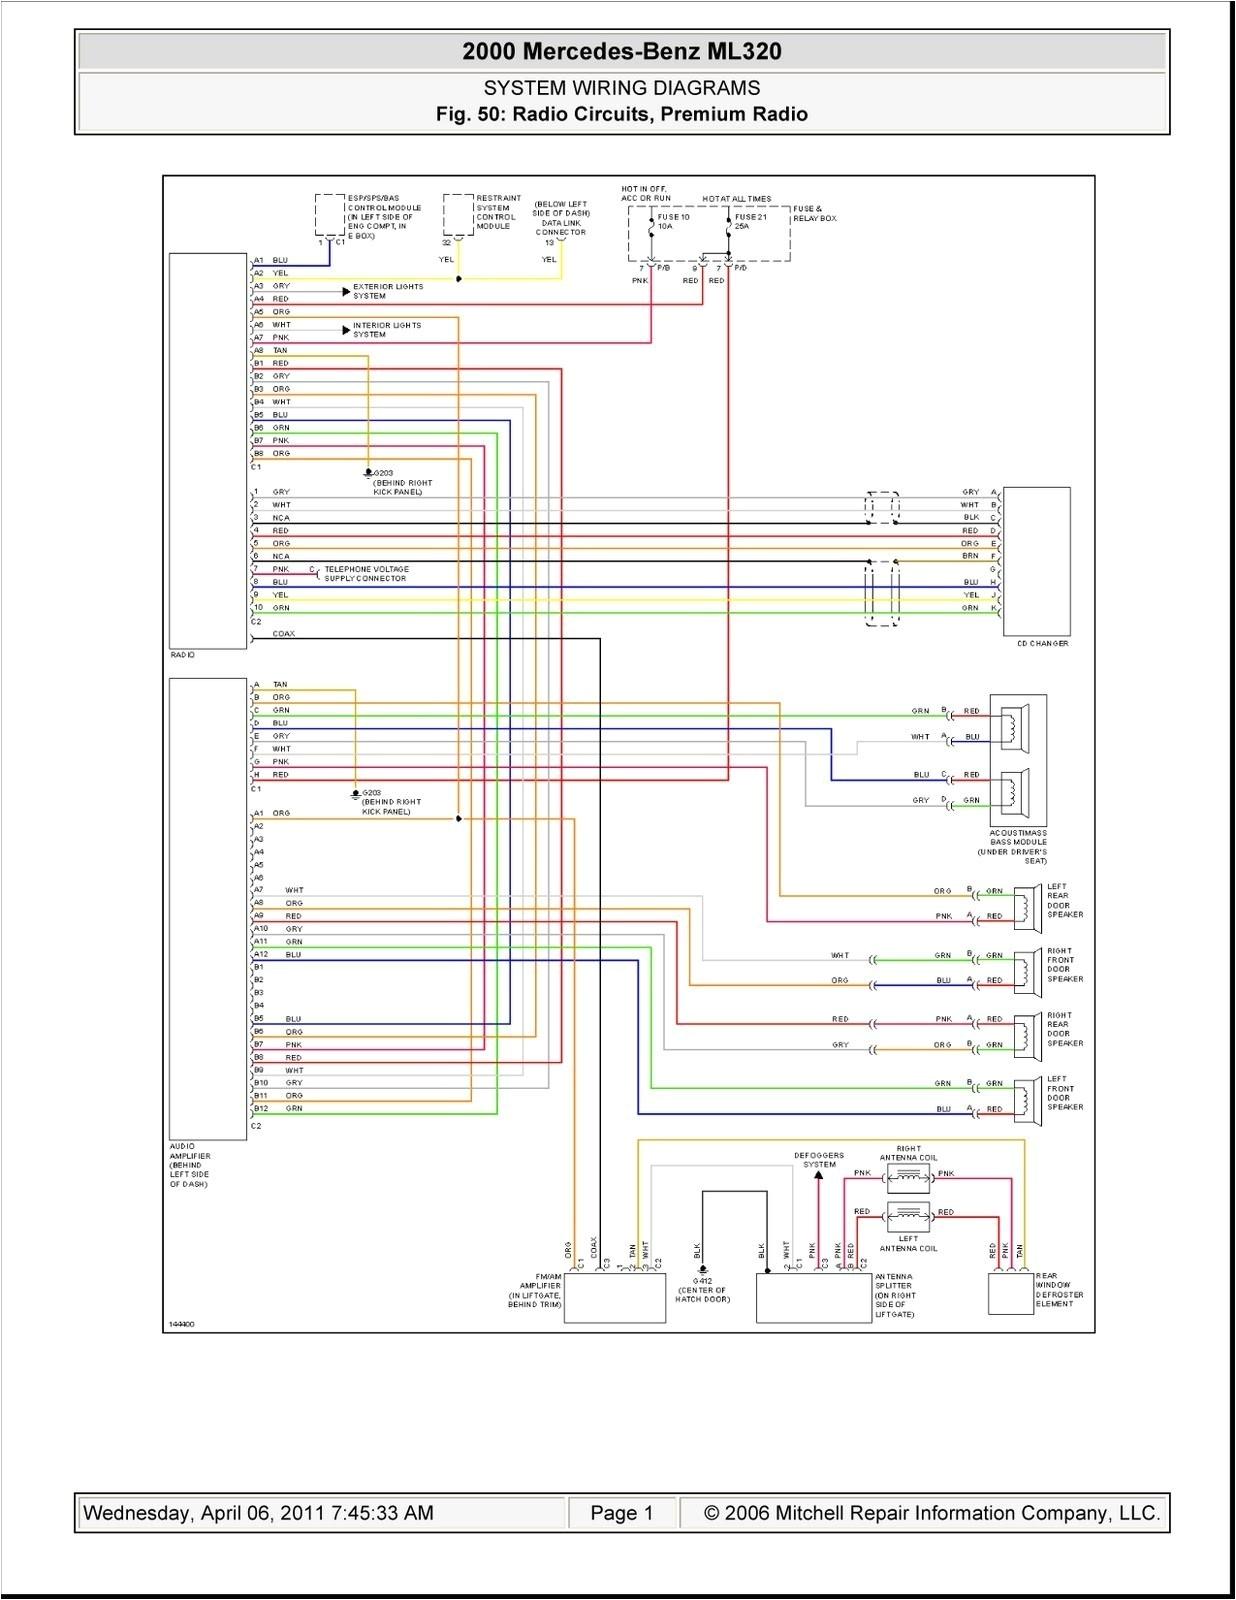 w163 wiring diagram wiring diagram datasourceml320 wiring diagram manual e book w163 headlight wiring diagram ml320